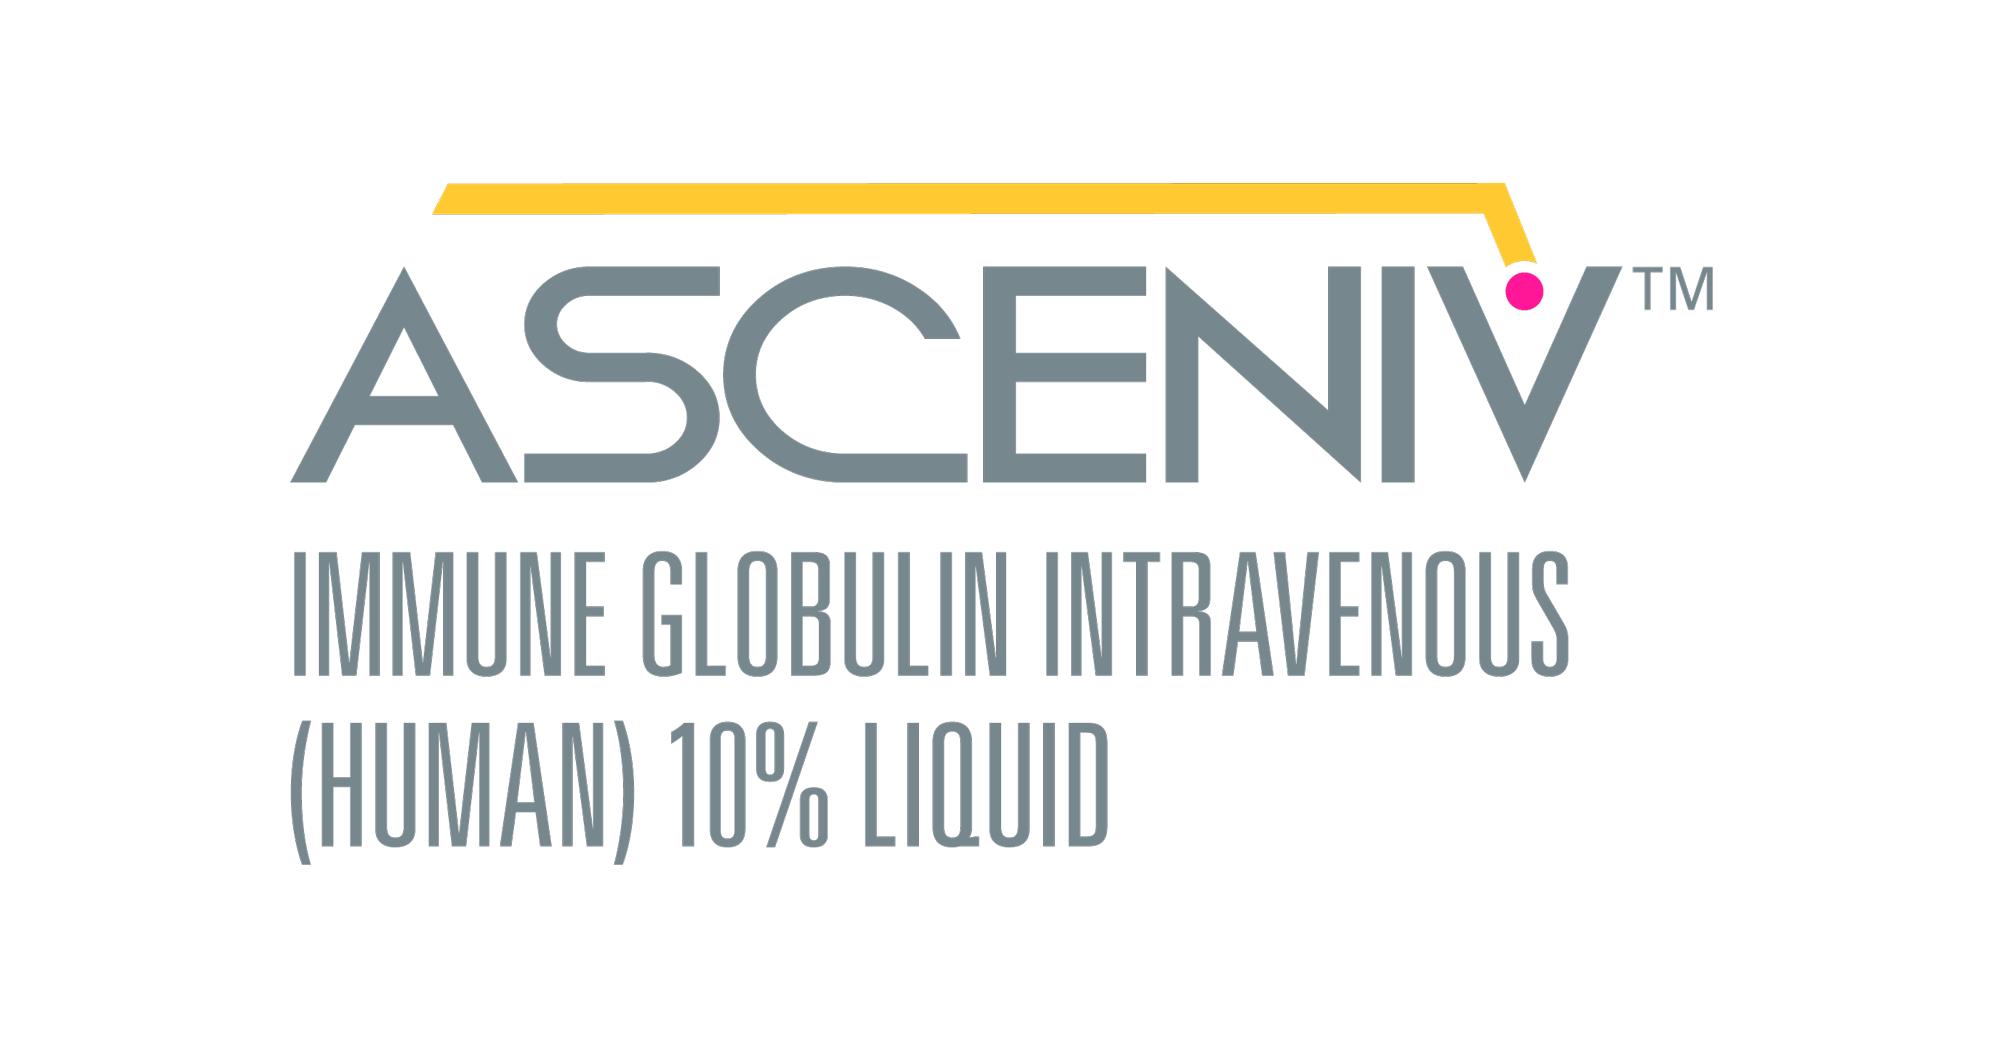 «Асценив» (Asceniv, внутривенный иммуноглобулин).